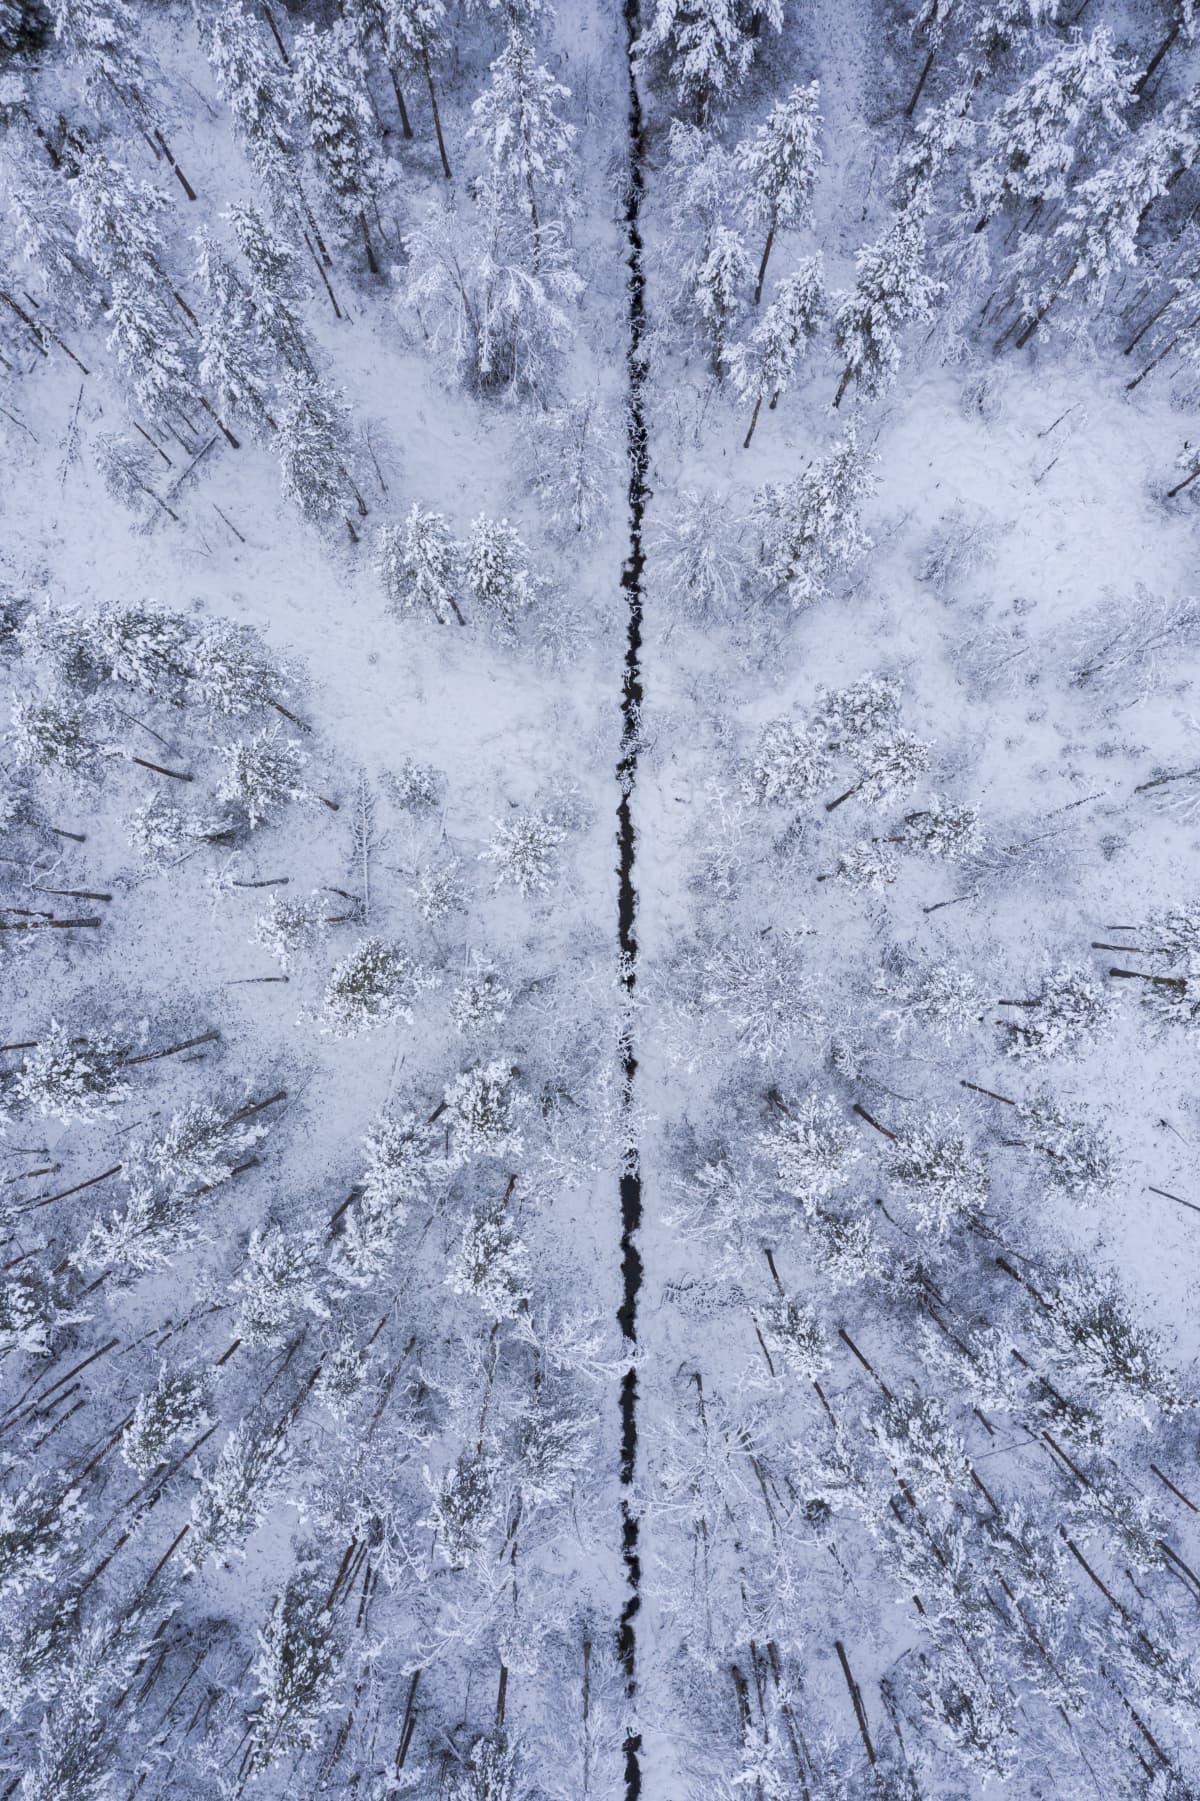 Suo-oja kulkee lumisen suometsän lävitse, kuva otettu suoraan ylhäältä.